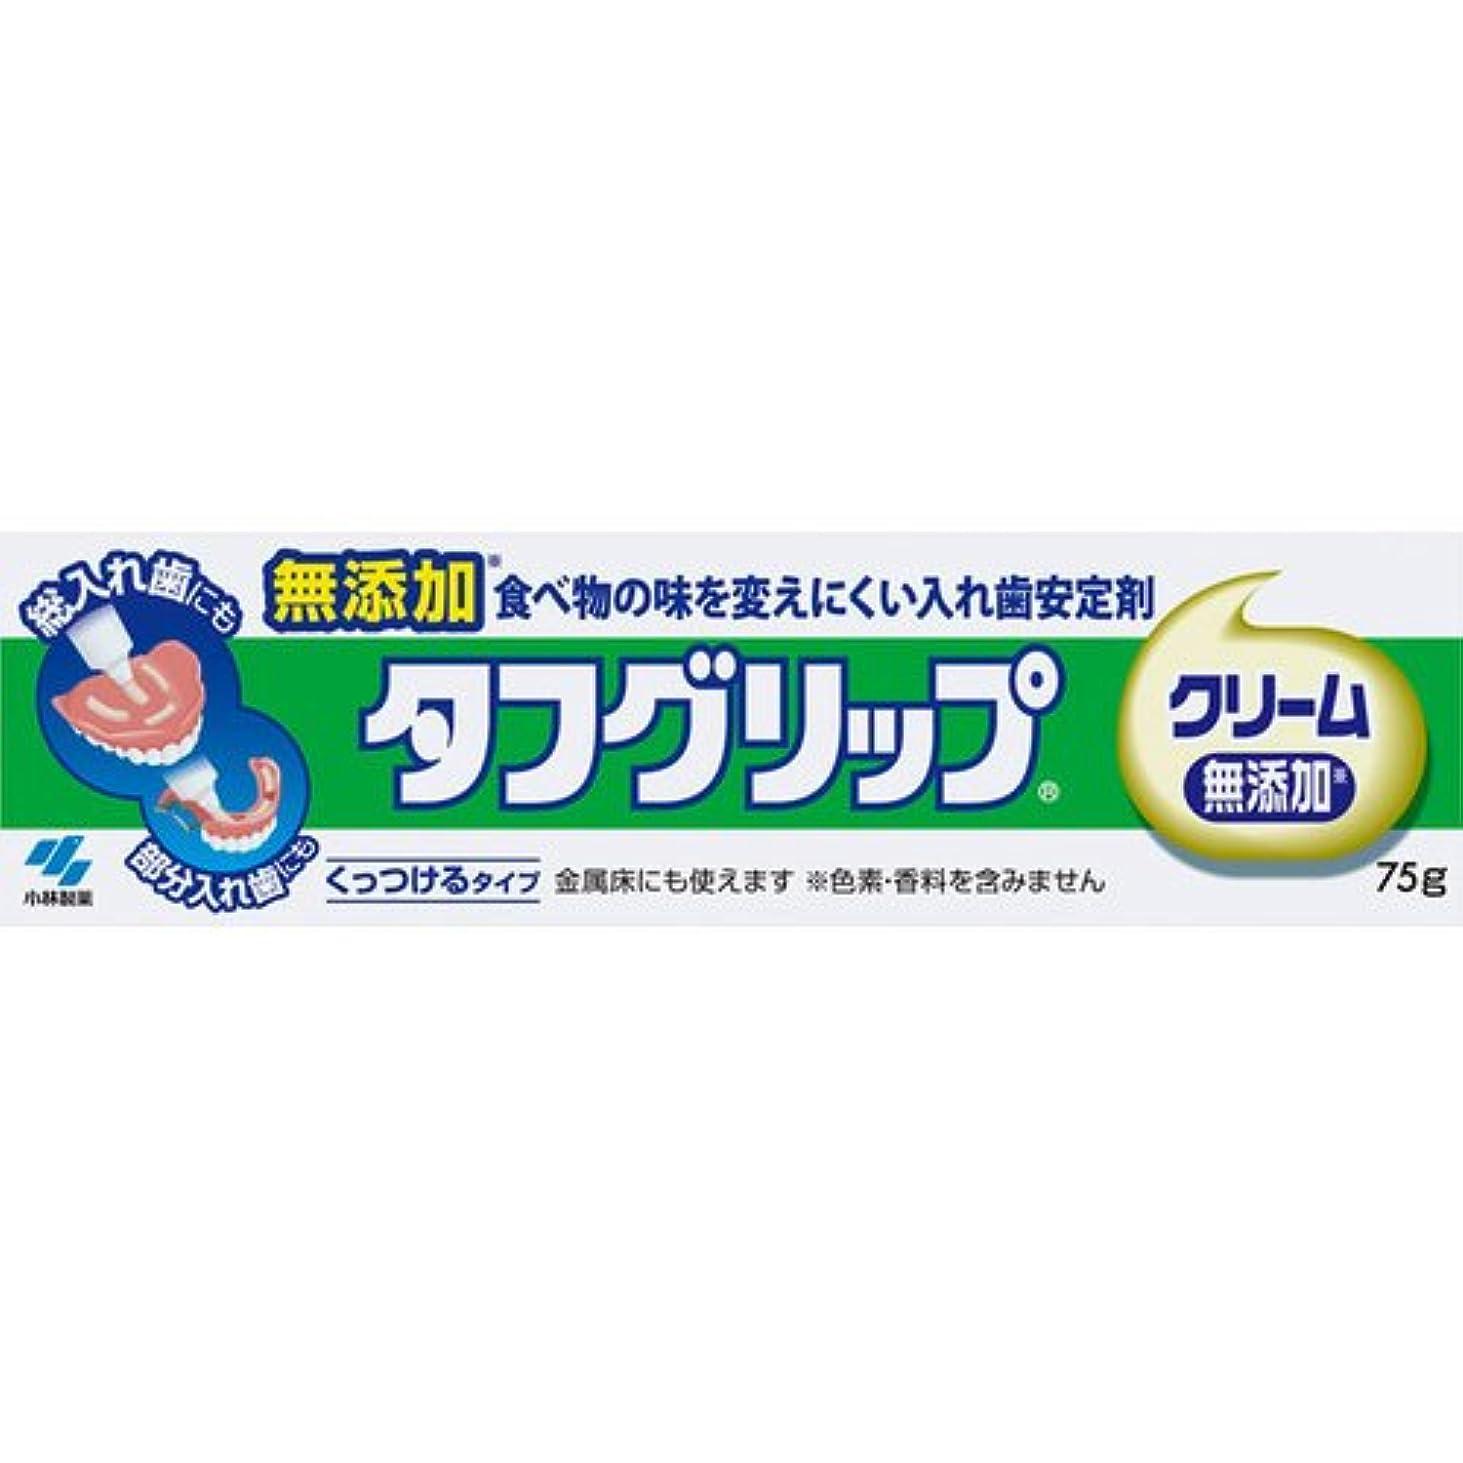 ホステスシロクマ分注する【小林製薬】タフグリップクリーム 無添加 75g